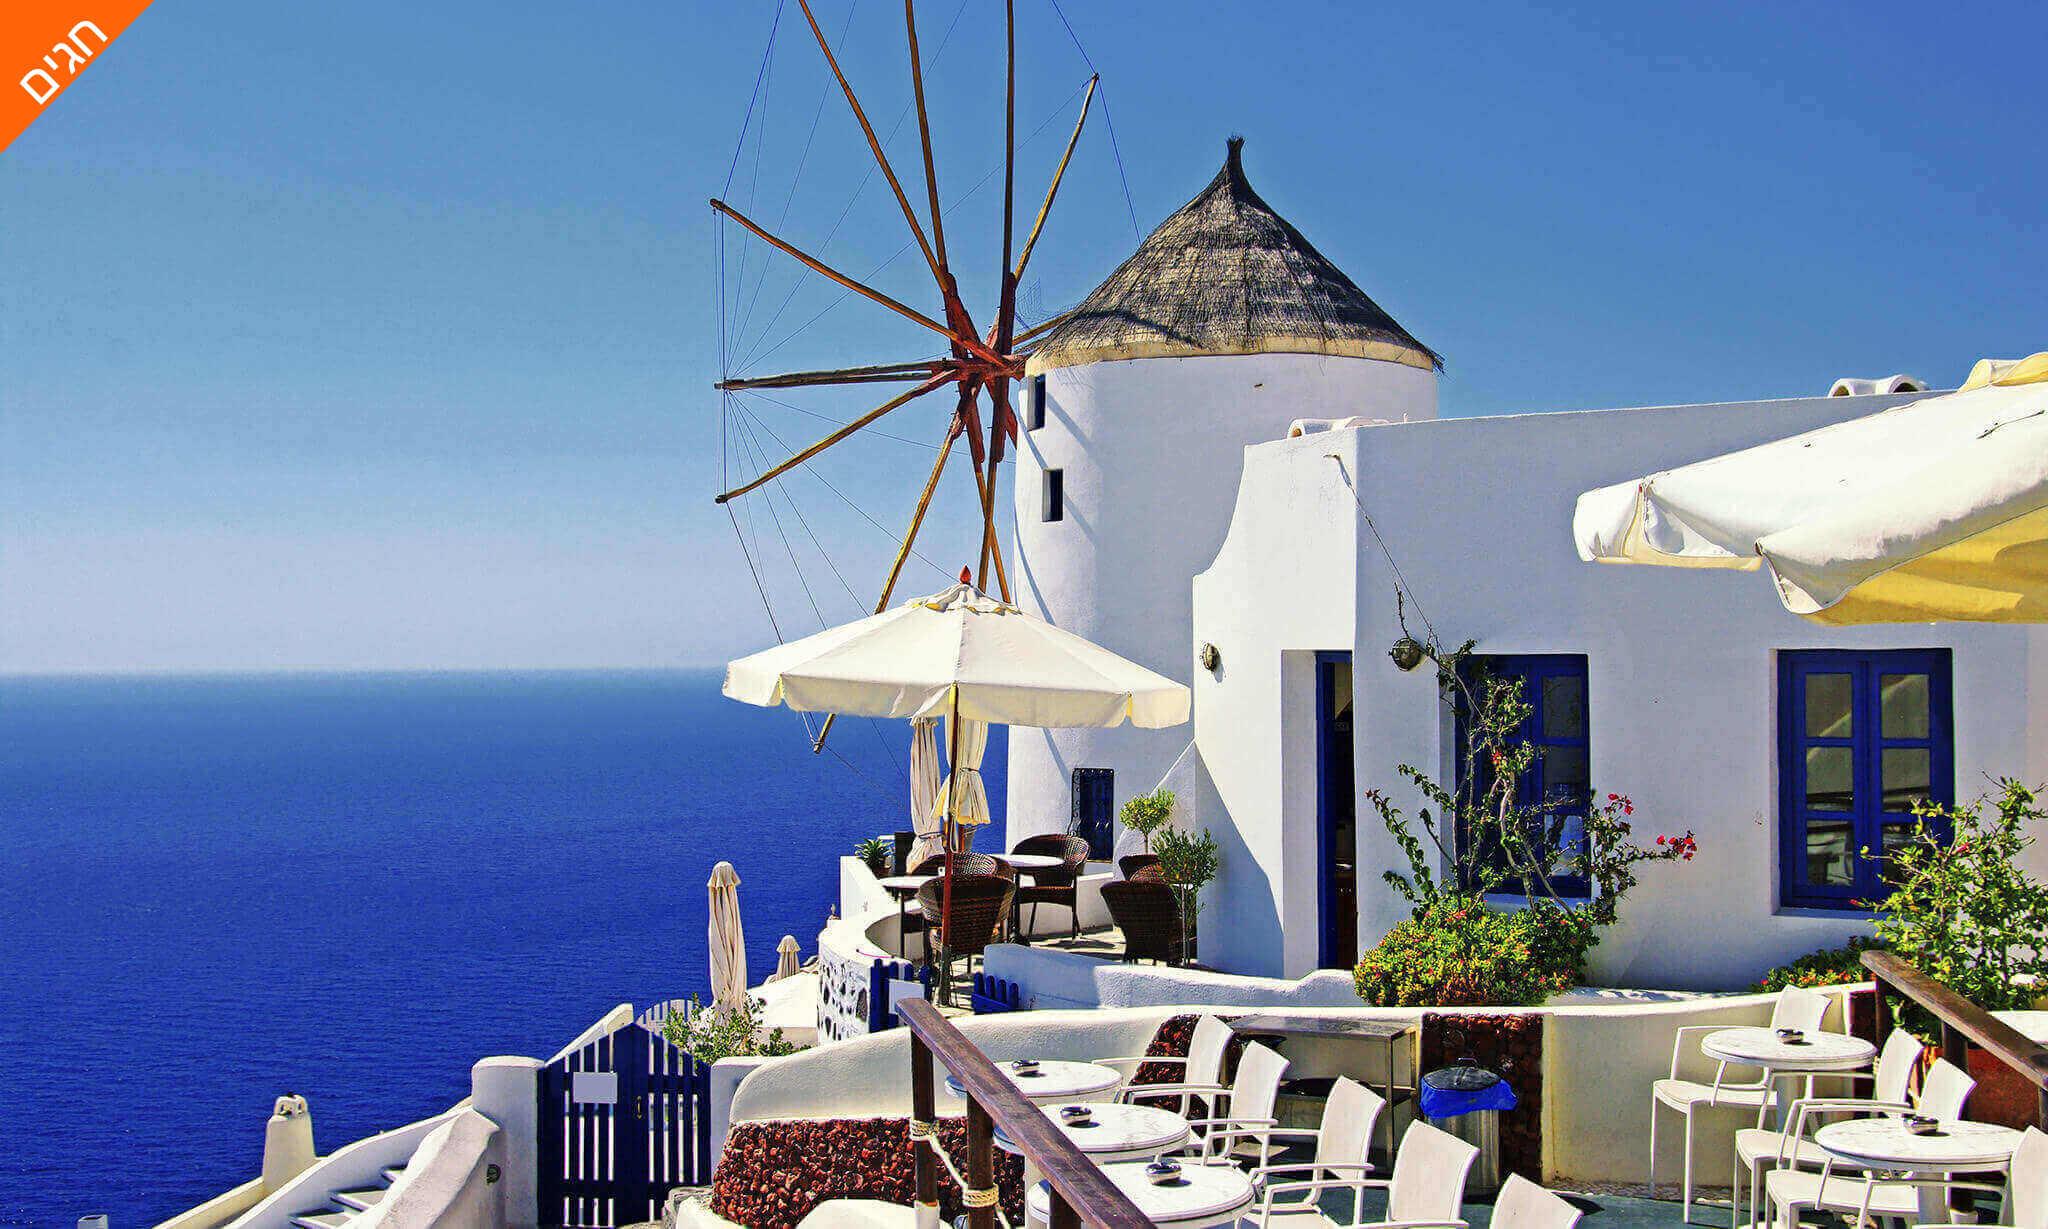 3 קיץ 5 כוכבים בסנטוריני - האי הקסום ביותר ביוון, כולל חגים